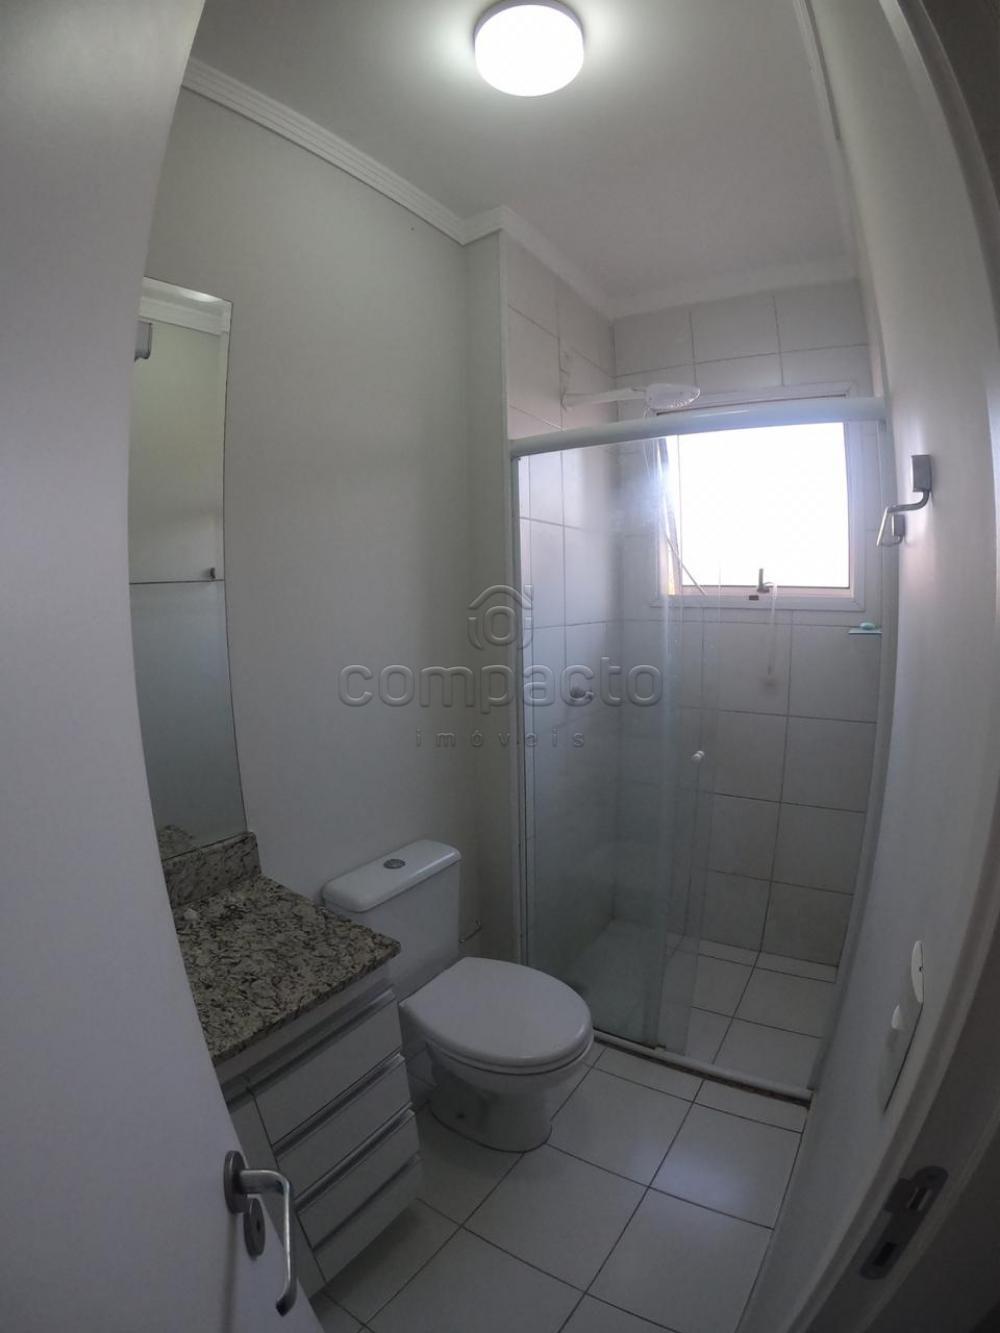 Comprar Casa / Condomínio em São José do Rio Preto apenas R$ 420.000,00 - Foto 12